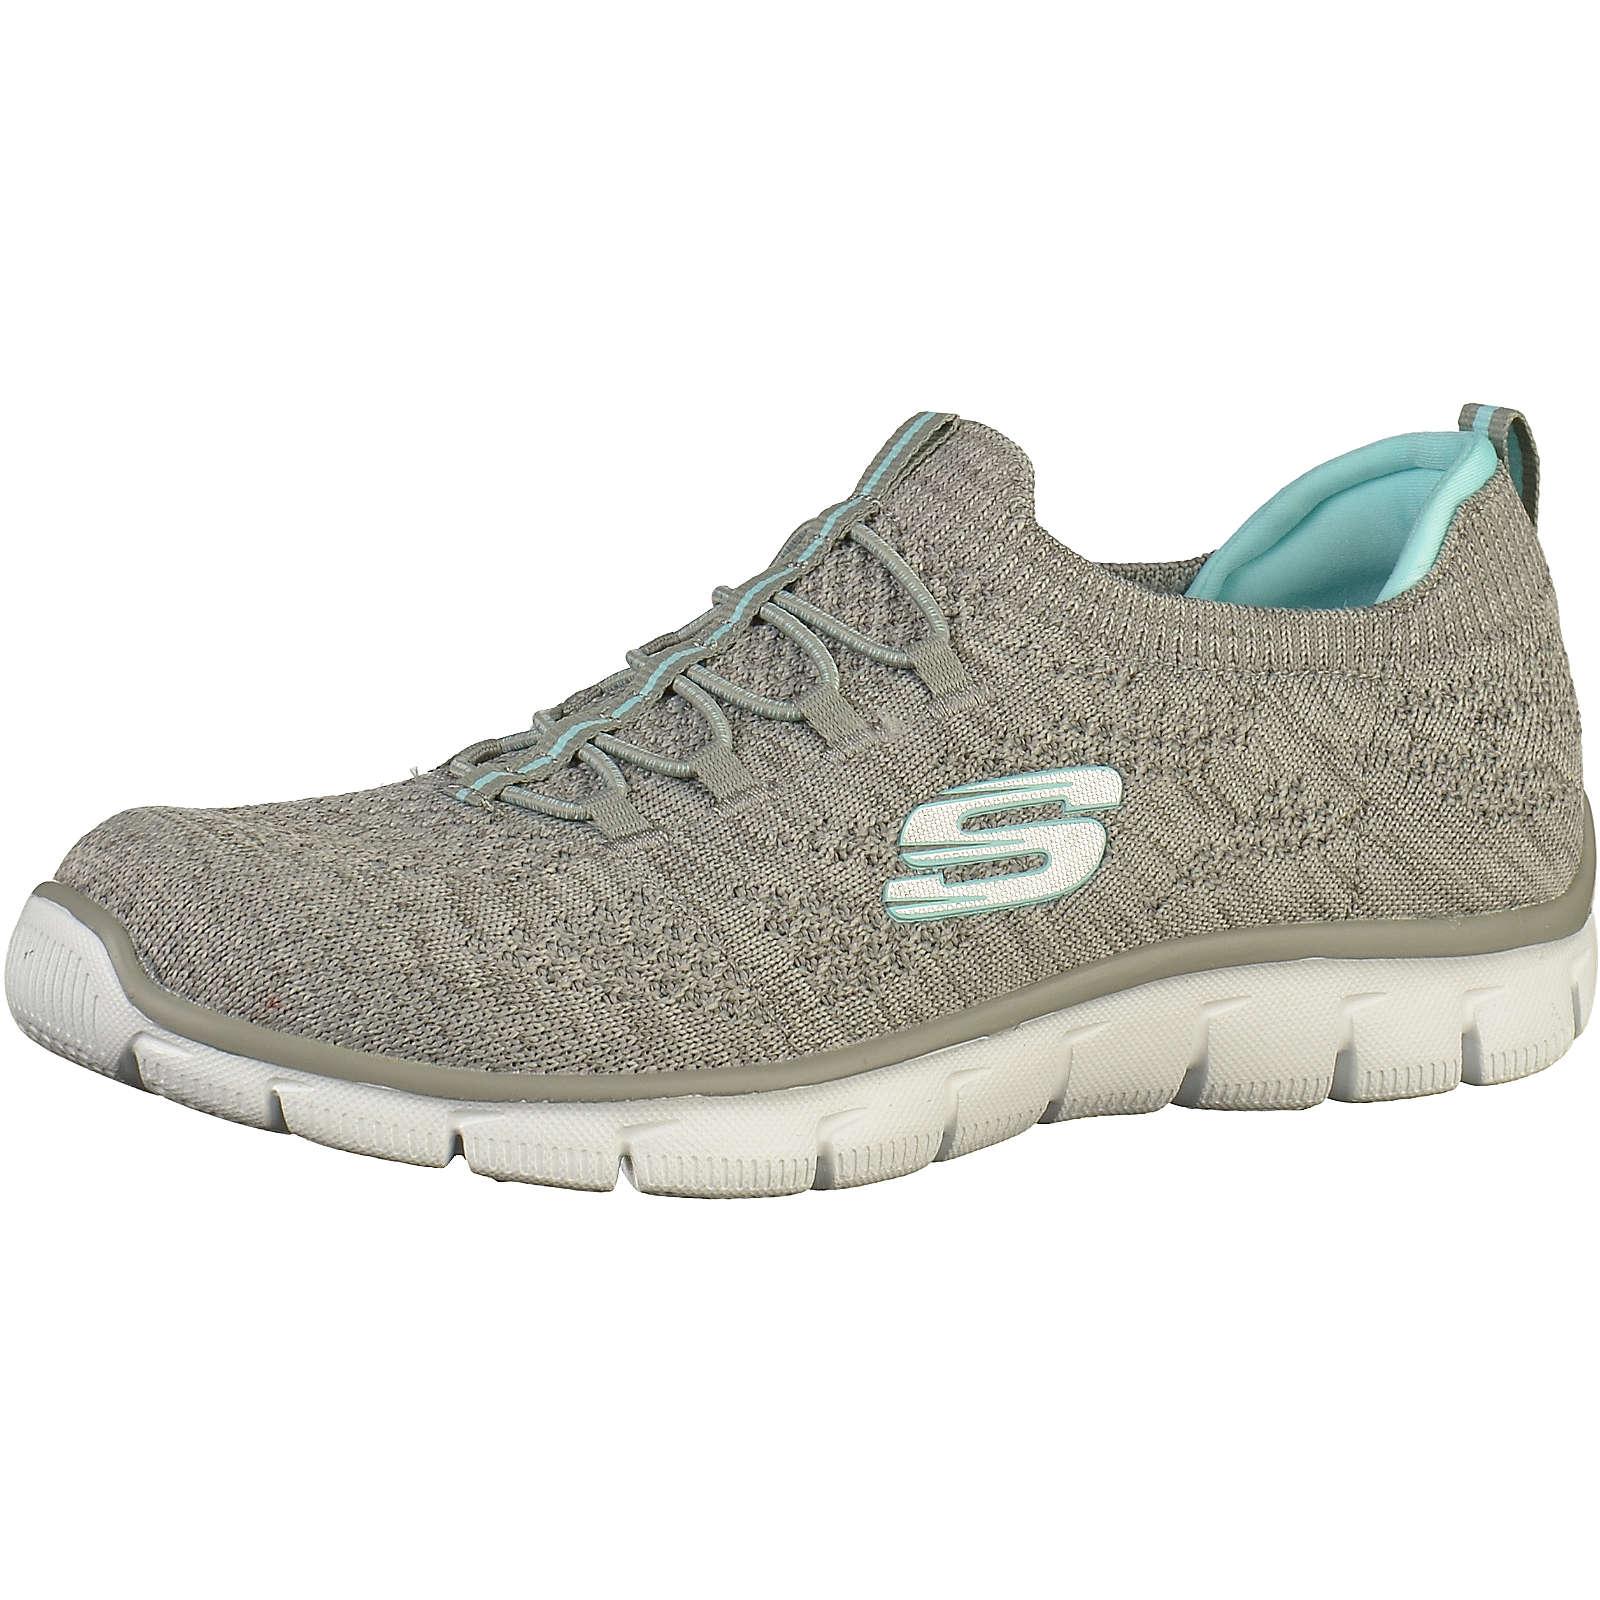 SKECHERS Sneakers Low grau Damen Gr. 39